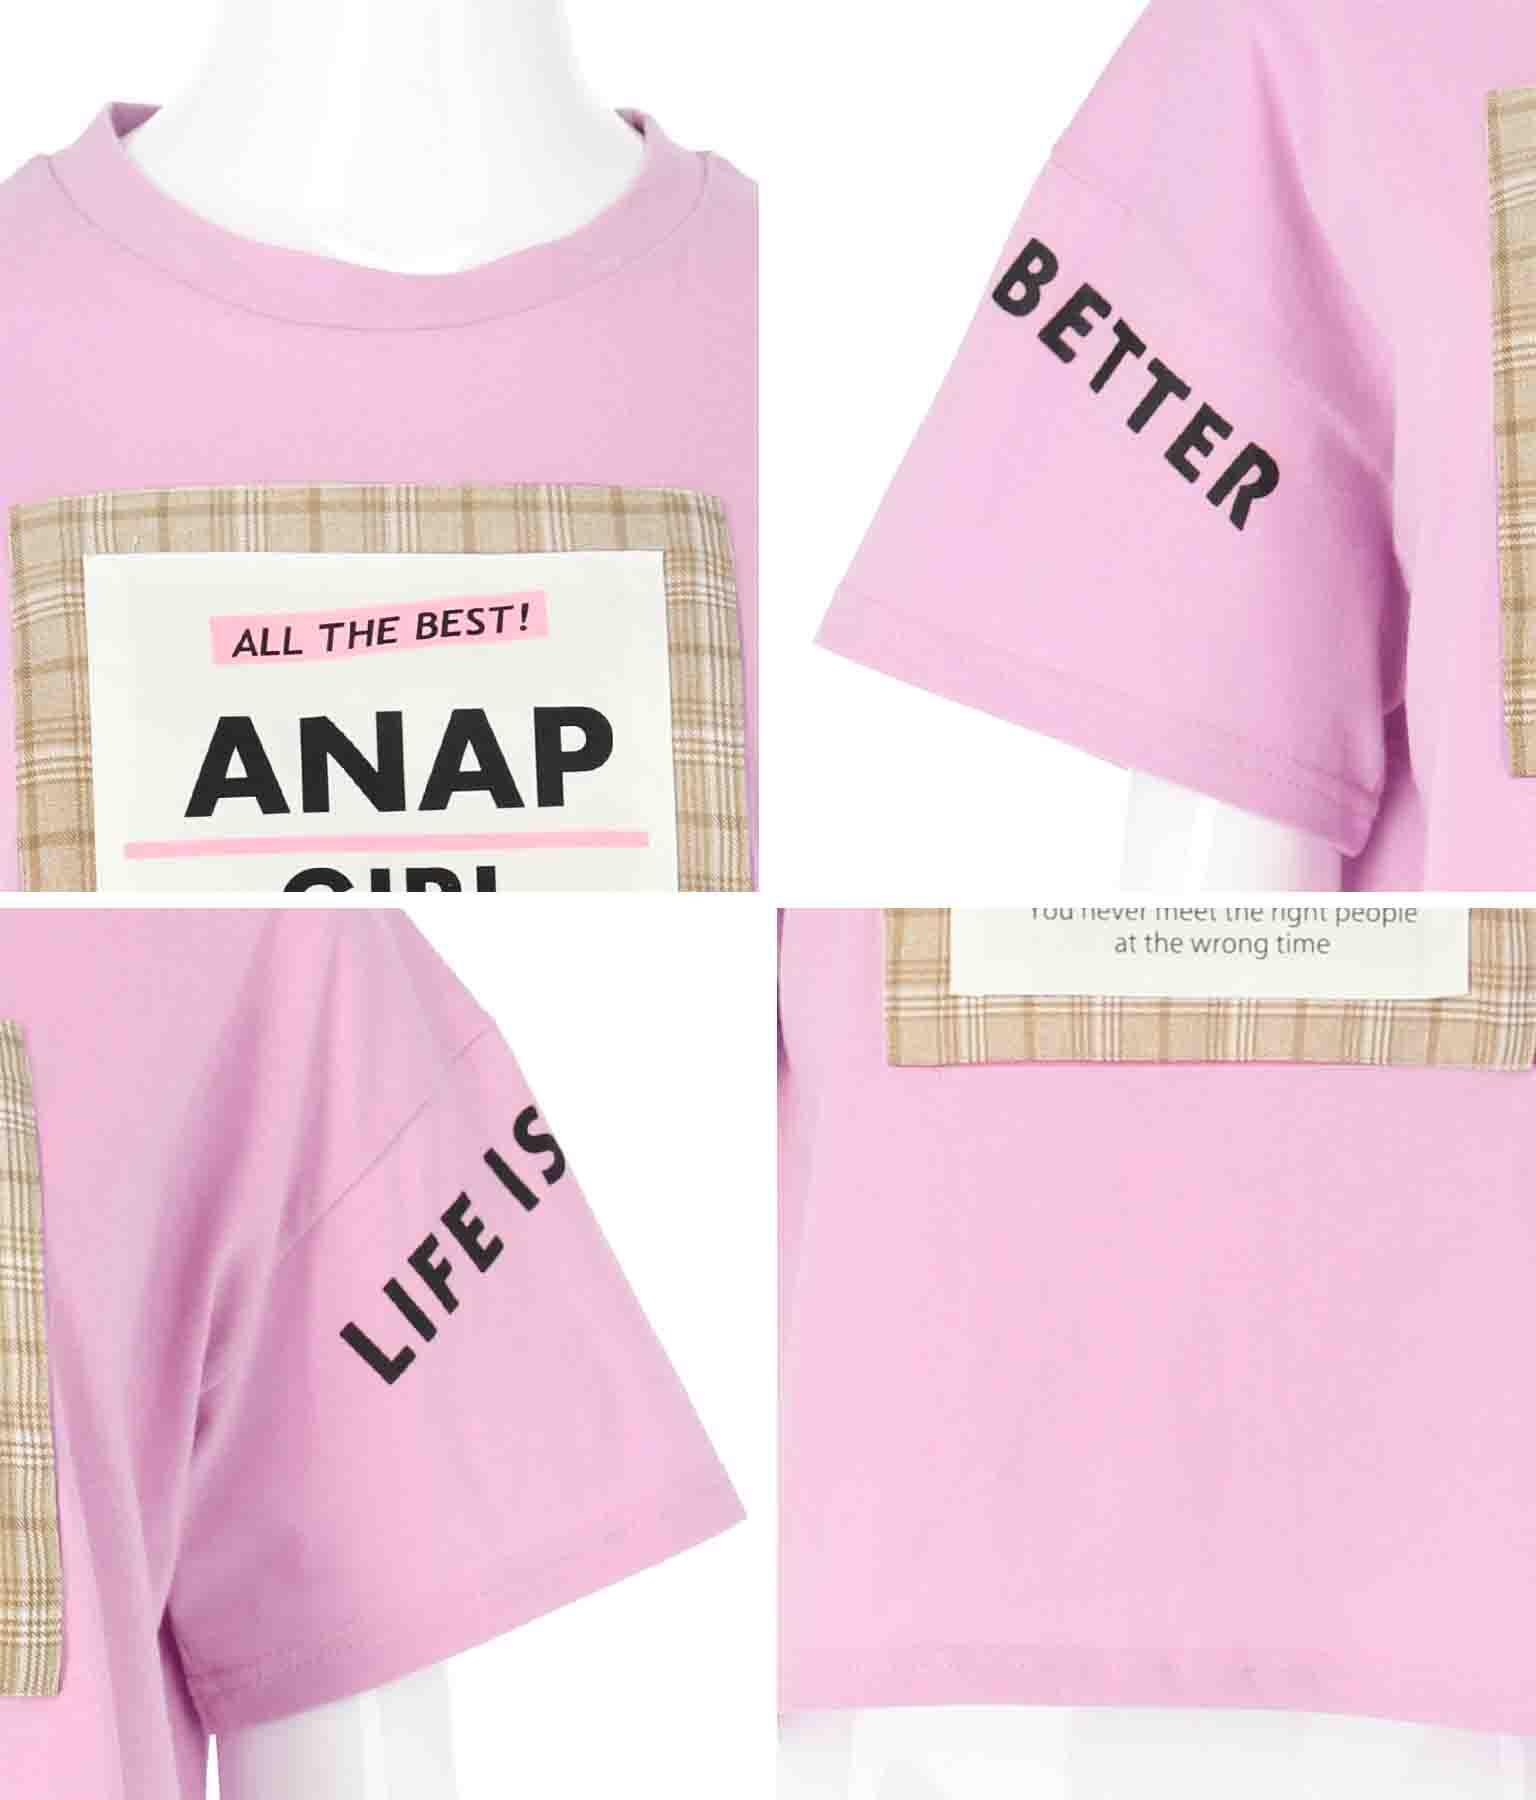 チェックボックスワッペントップス(トップス/Tシャツ) | ANAP GiRL